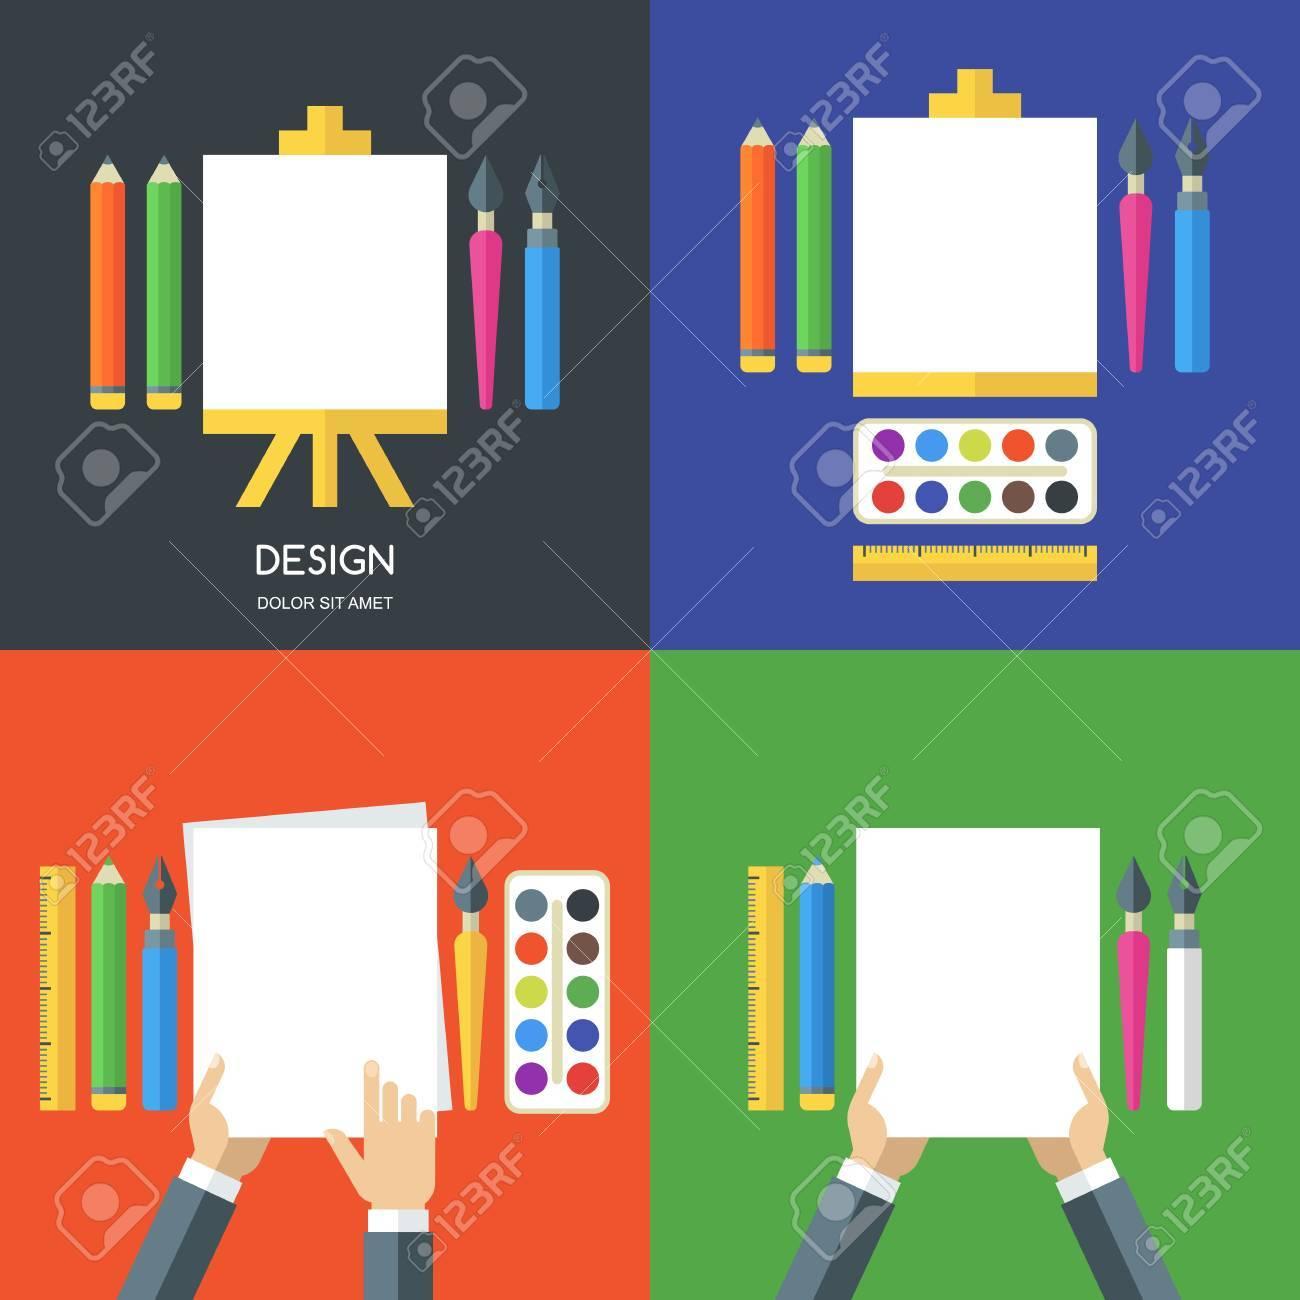 Set Von Vektor Flach Illustrationen Von Werkzeugen, Malutensilien Für Design,  Malerei, Kreativität